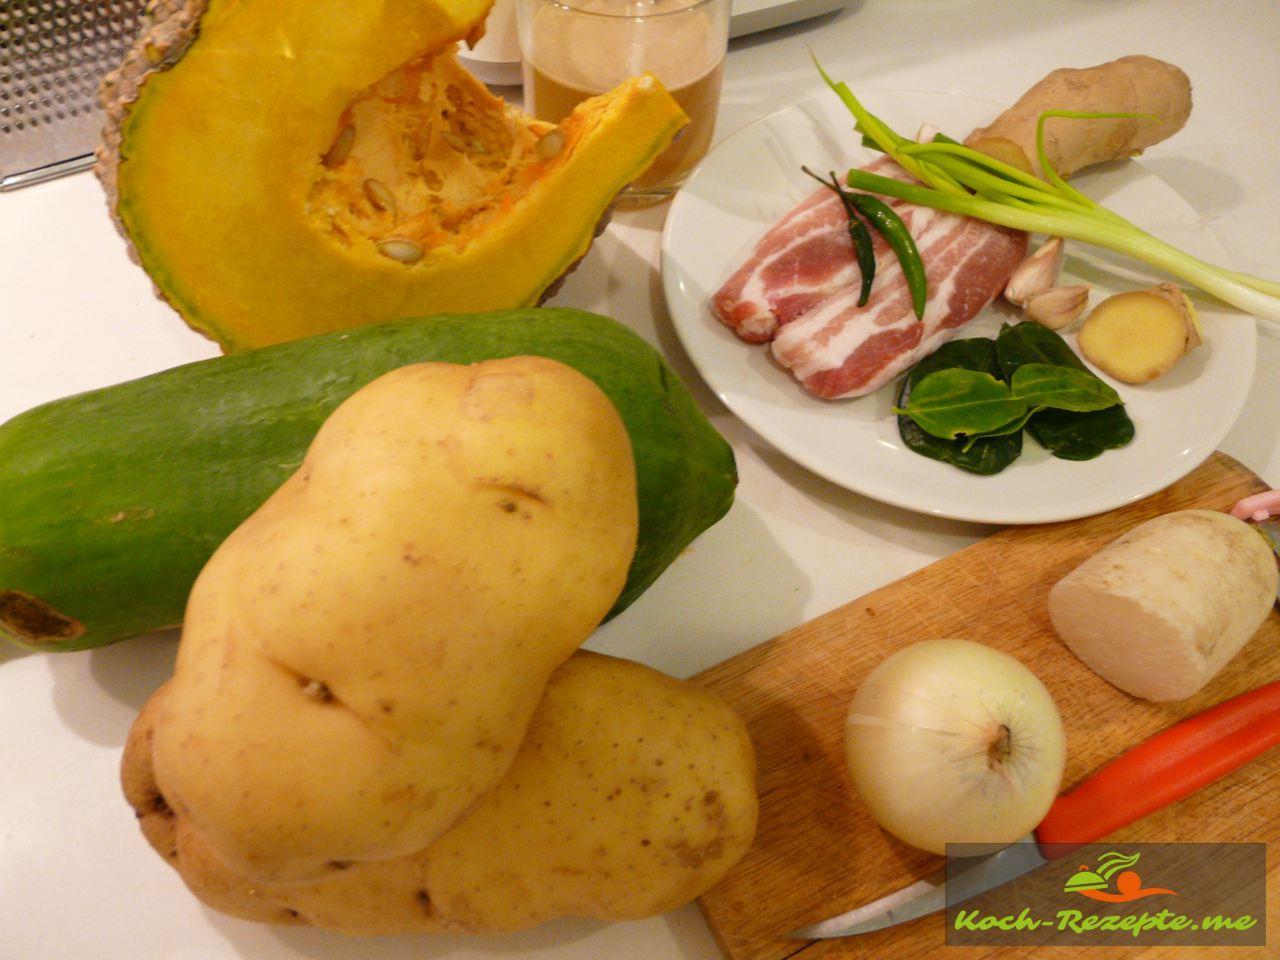 Zutaten für Pumpking-Papaya Gemüse Bratkartoffeln und Bauchspeck